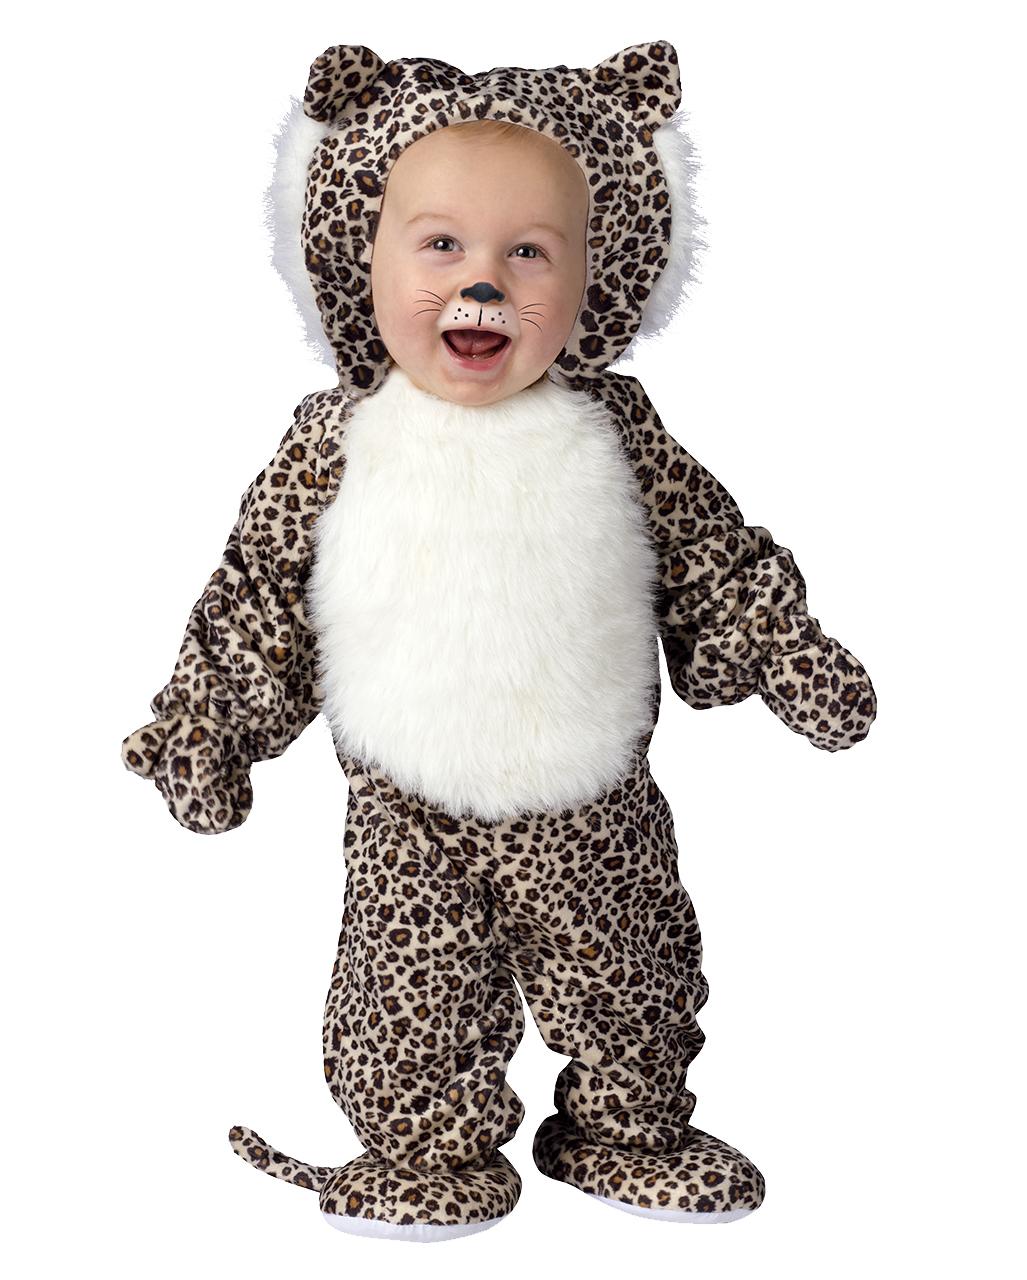 Plusch Leopard Babykostum Large Kuschelige Tierkostume Fur Babys